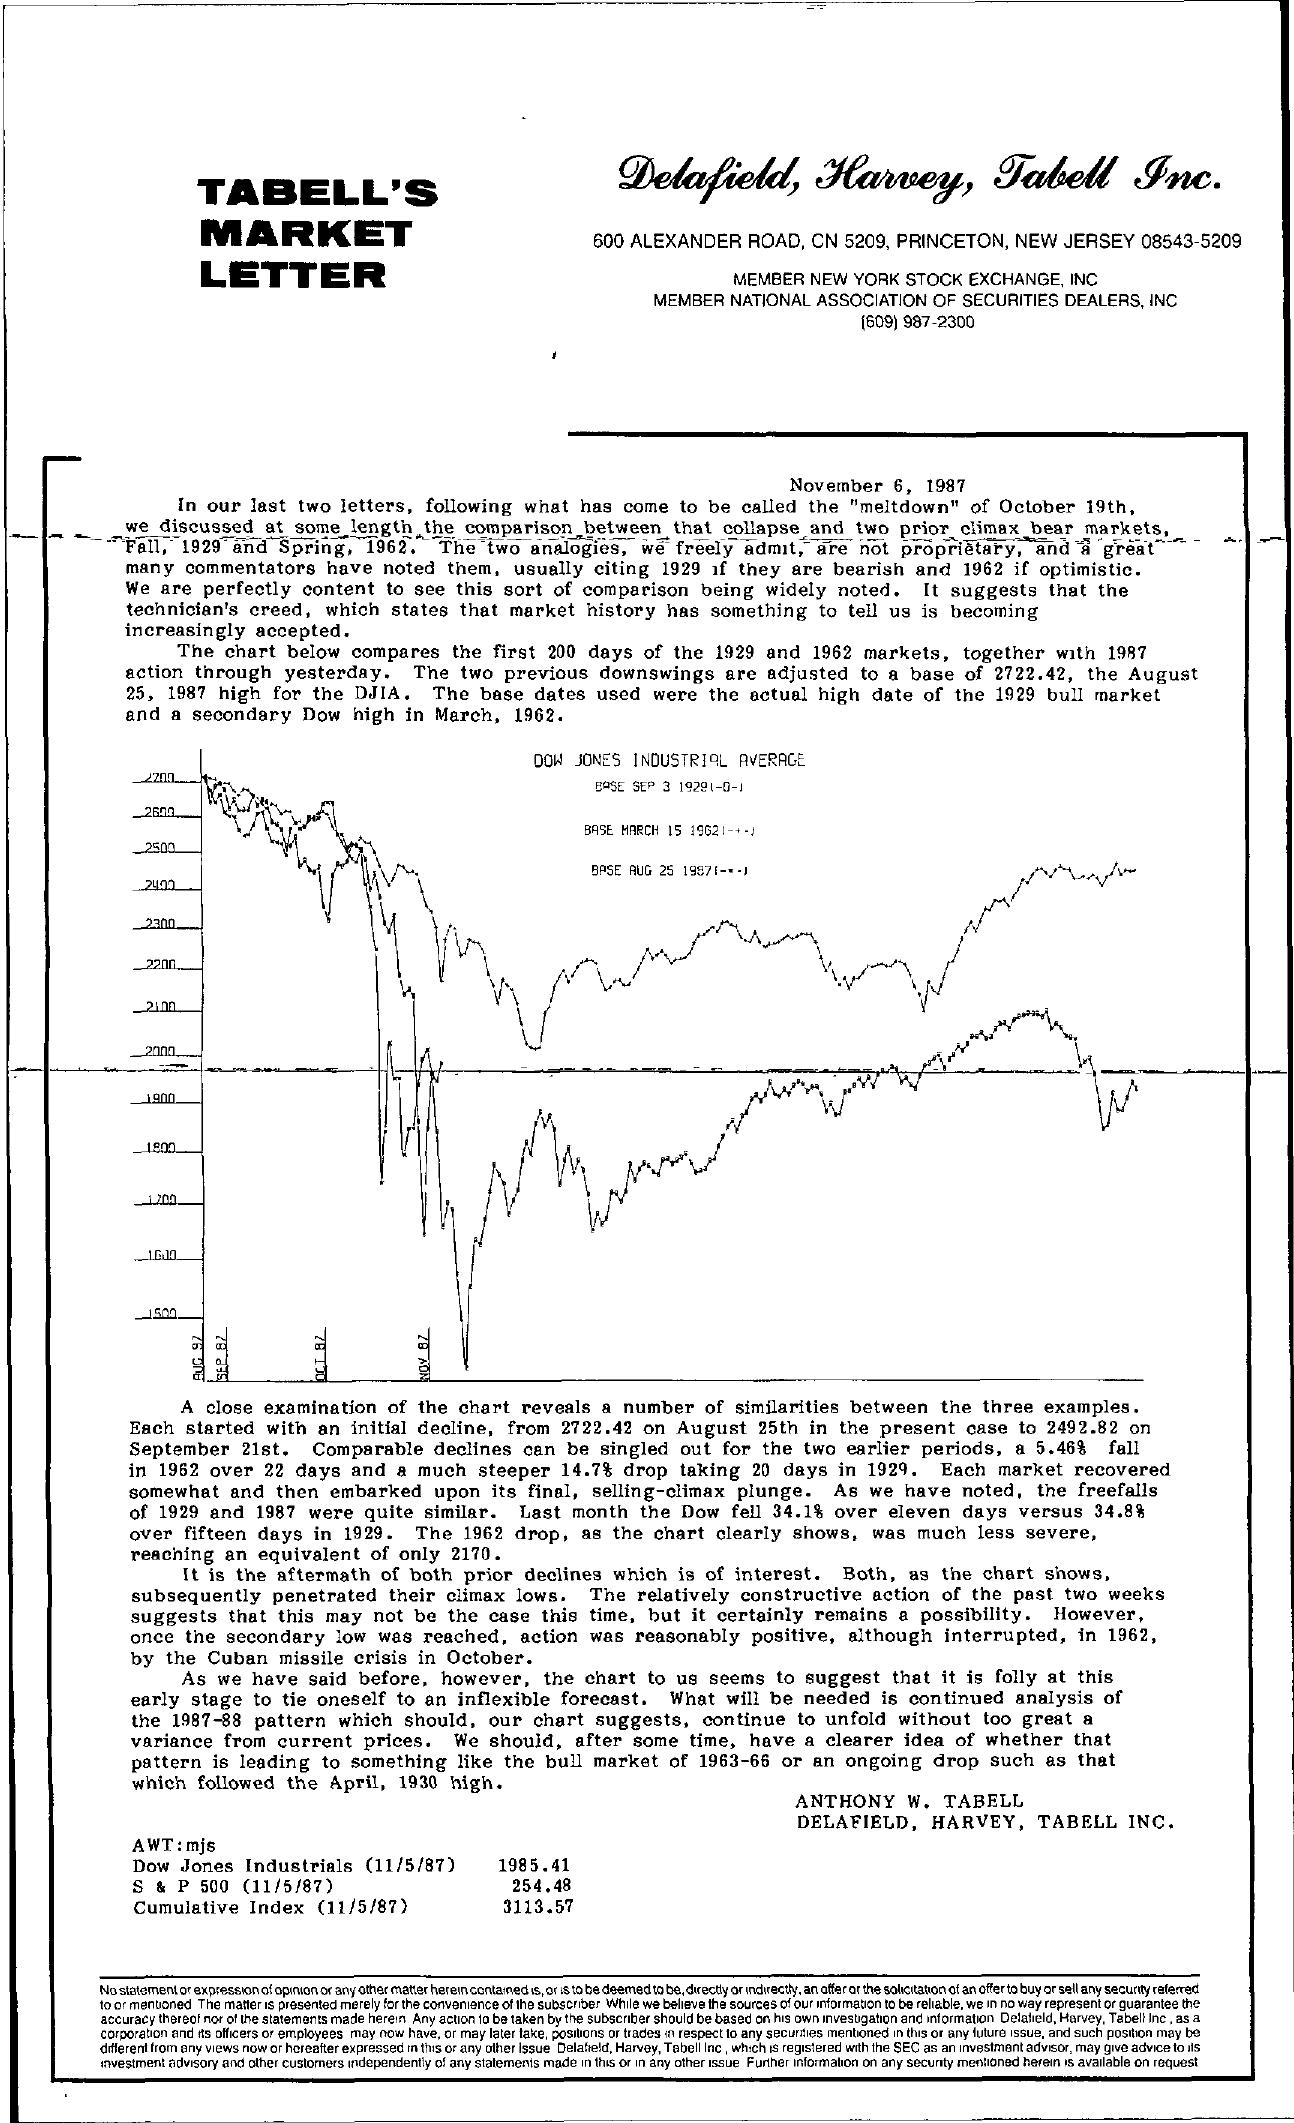 Tabell's Market Letter - November 06, 1987